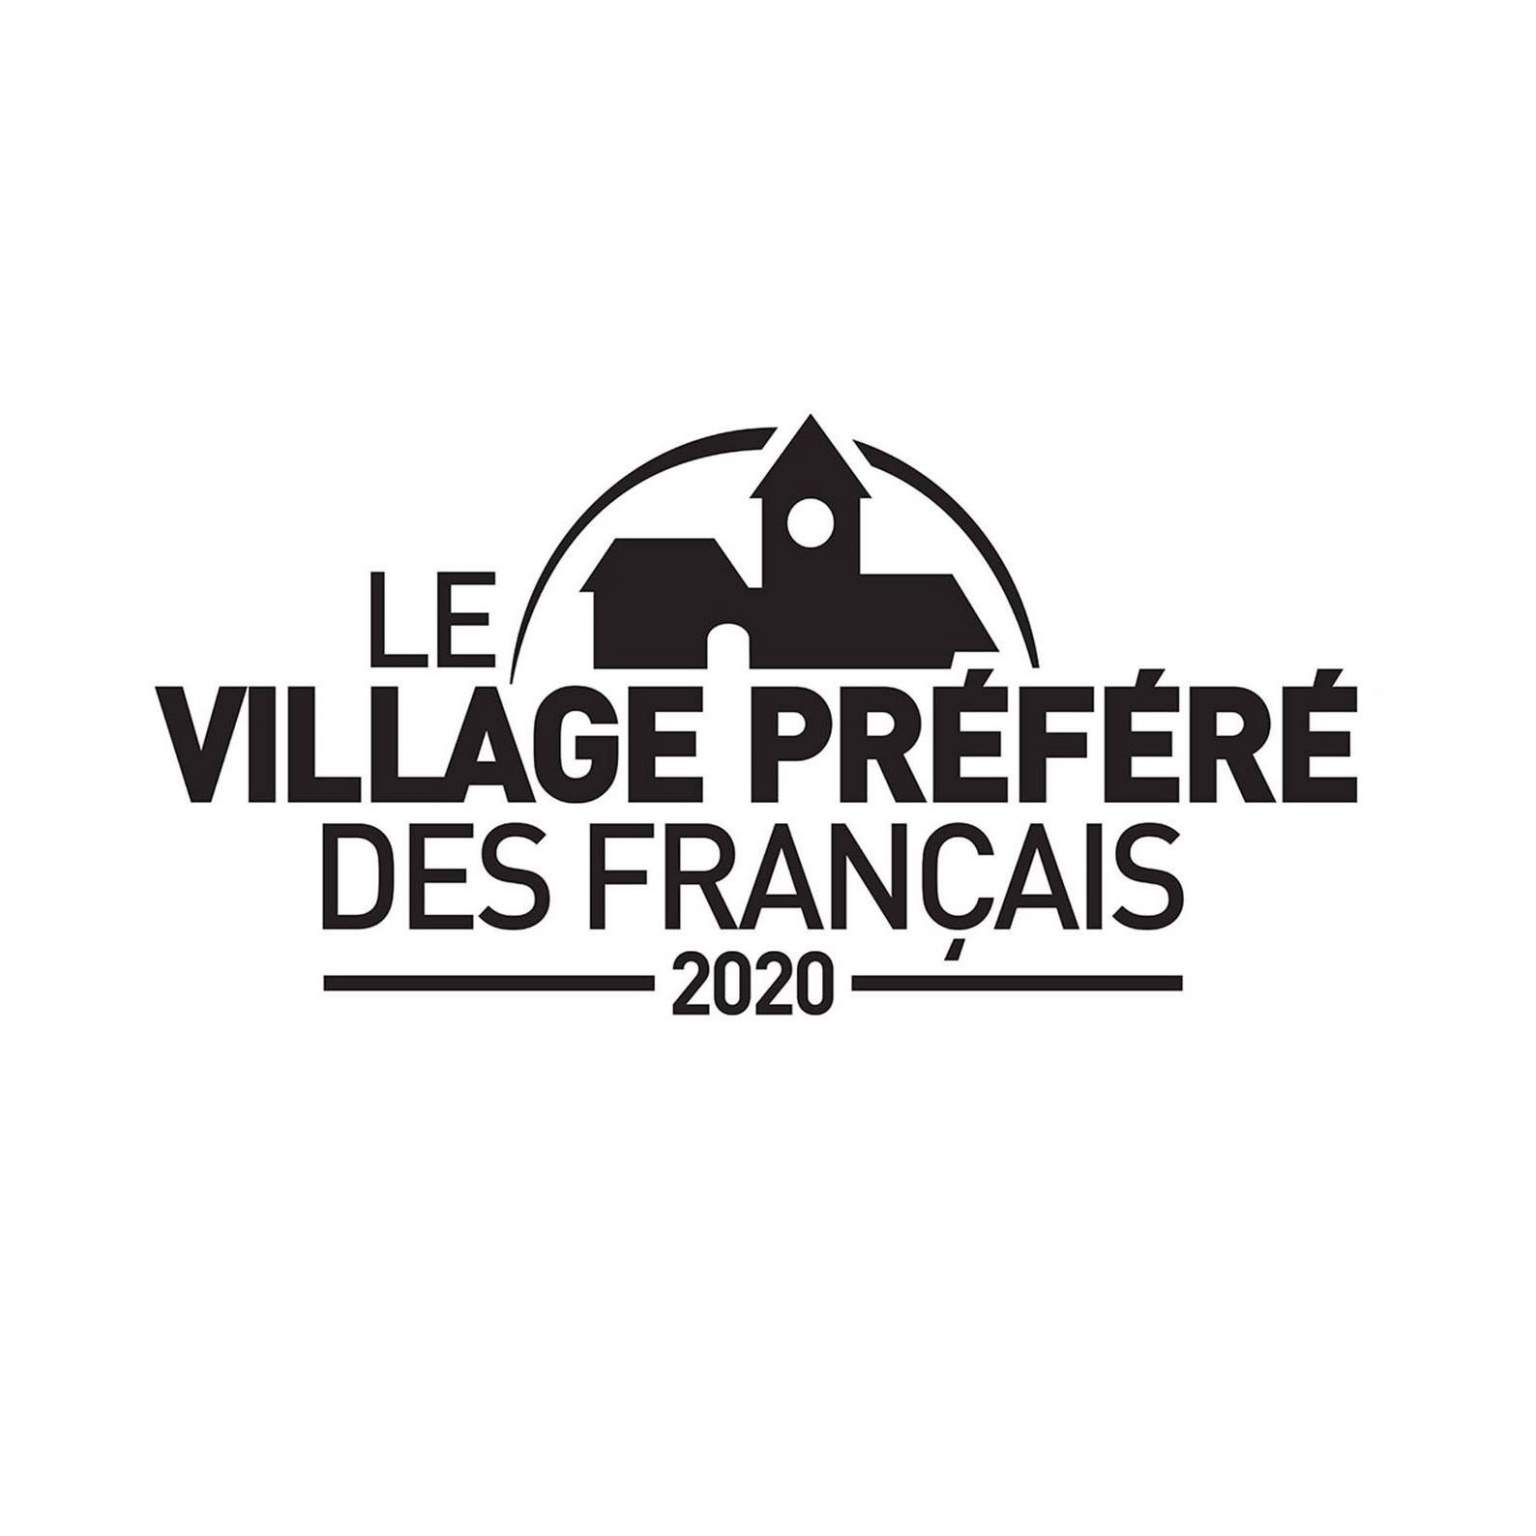 Le Village préféré des Français 2020 Hunspach